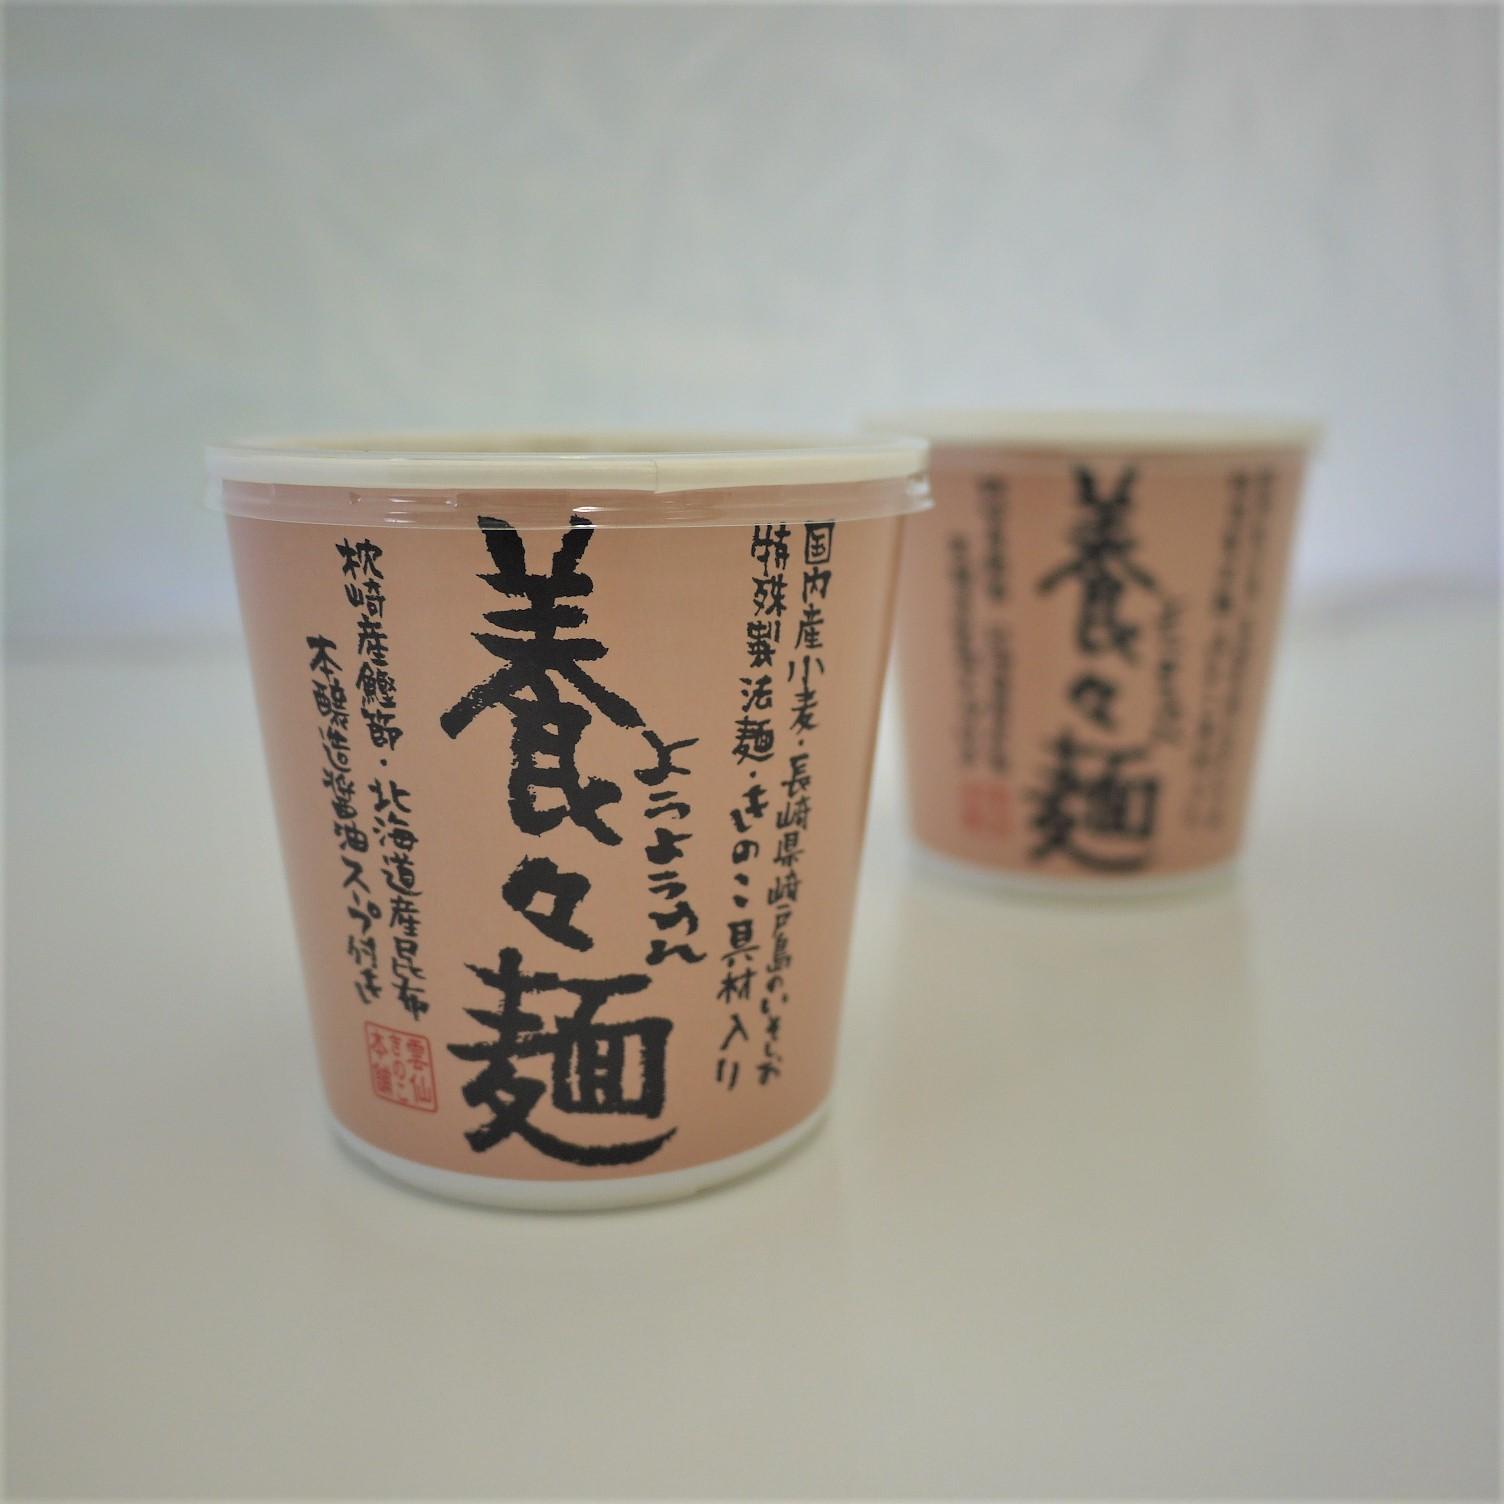 ちいさな養々麺(カップ入り)